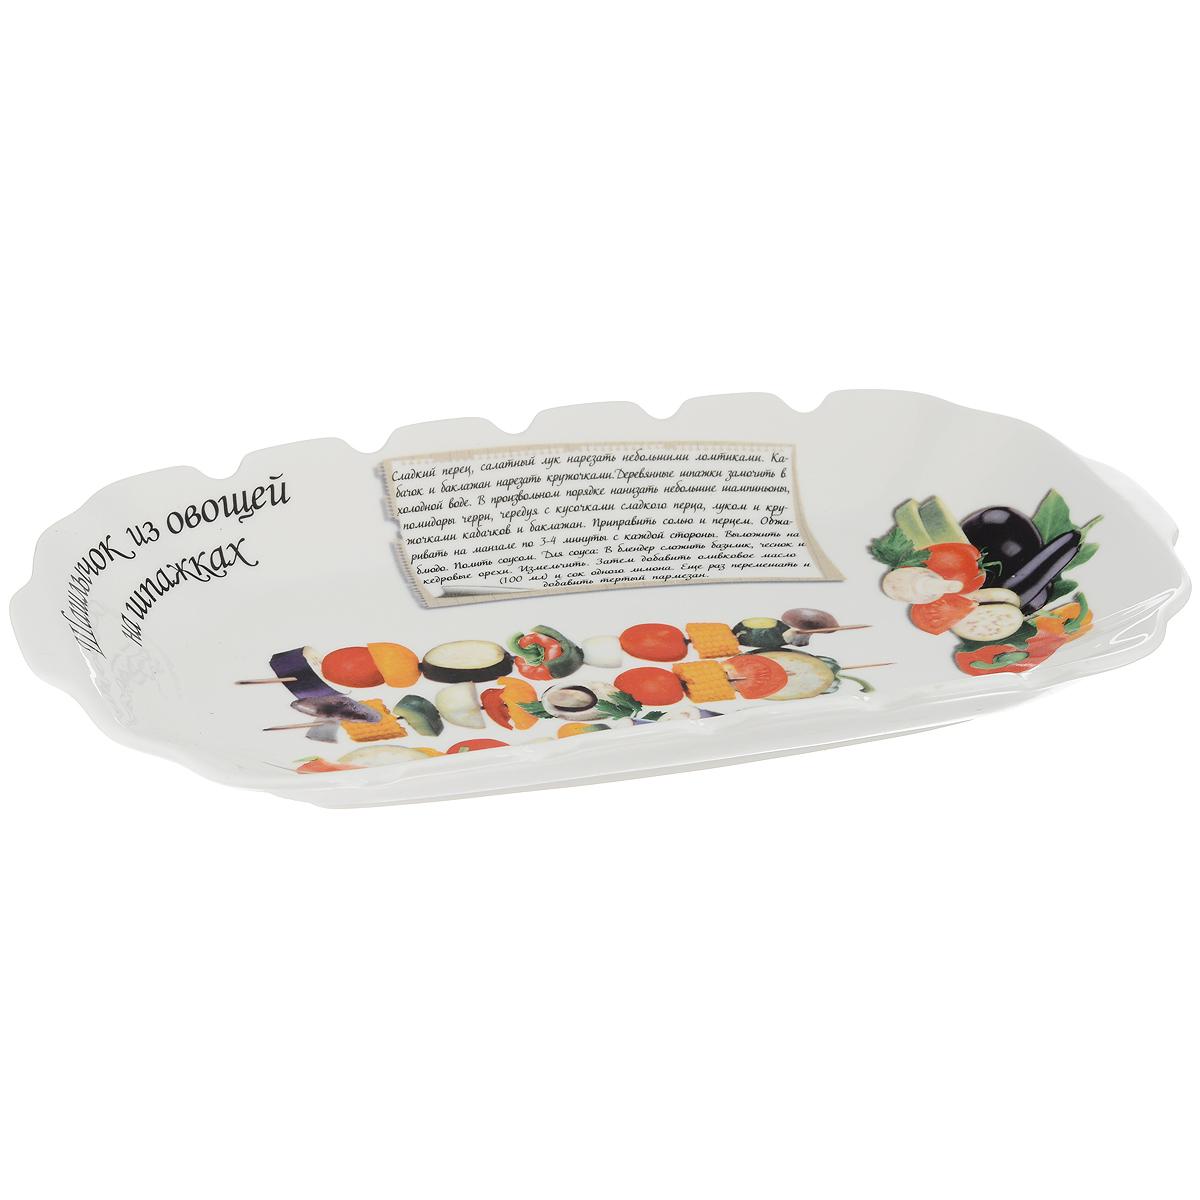 Блюдо для шашлыка LarangE Шашлычок из овощей на шпажках, 33 см х 18,5 см598-043Блюдо для шашлыка Шашлычок из овощей на шпажках, выполненное из высококачественного фарфора, предназначено для красивой сервировки шашлыка. Блюдо оснащено удобными ручками и специальными отверстиями для шпажек. Блюдо декорировано надписью Шашлычок из овощей на шпажках и его изображением. Кроме того, для упрощения процесса приготовления прямо на блюде написан рецепт и нарисованы необходимые продукты. В комплект к блюду прилагается небольшой буклет с рецептами горячих блюд. Блюдо Шашлычок из овощей на шпажках украсит ваш праздничный стол, а оригинальное исполнение понравится любой хозяйке.